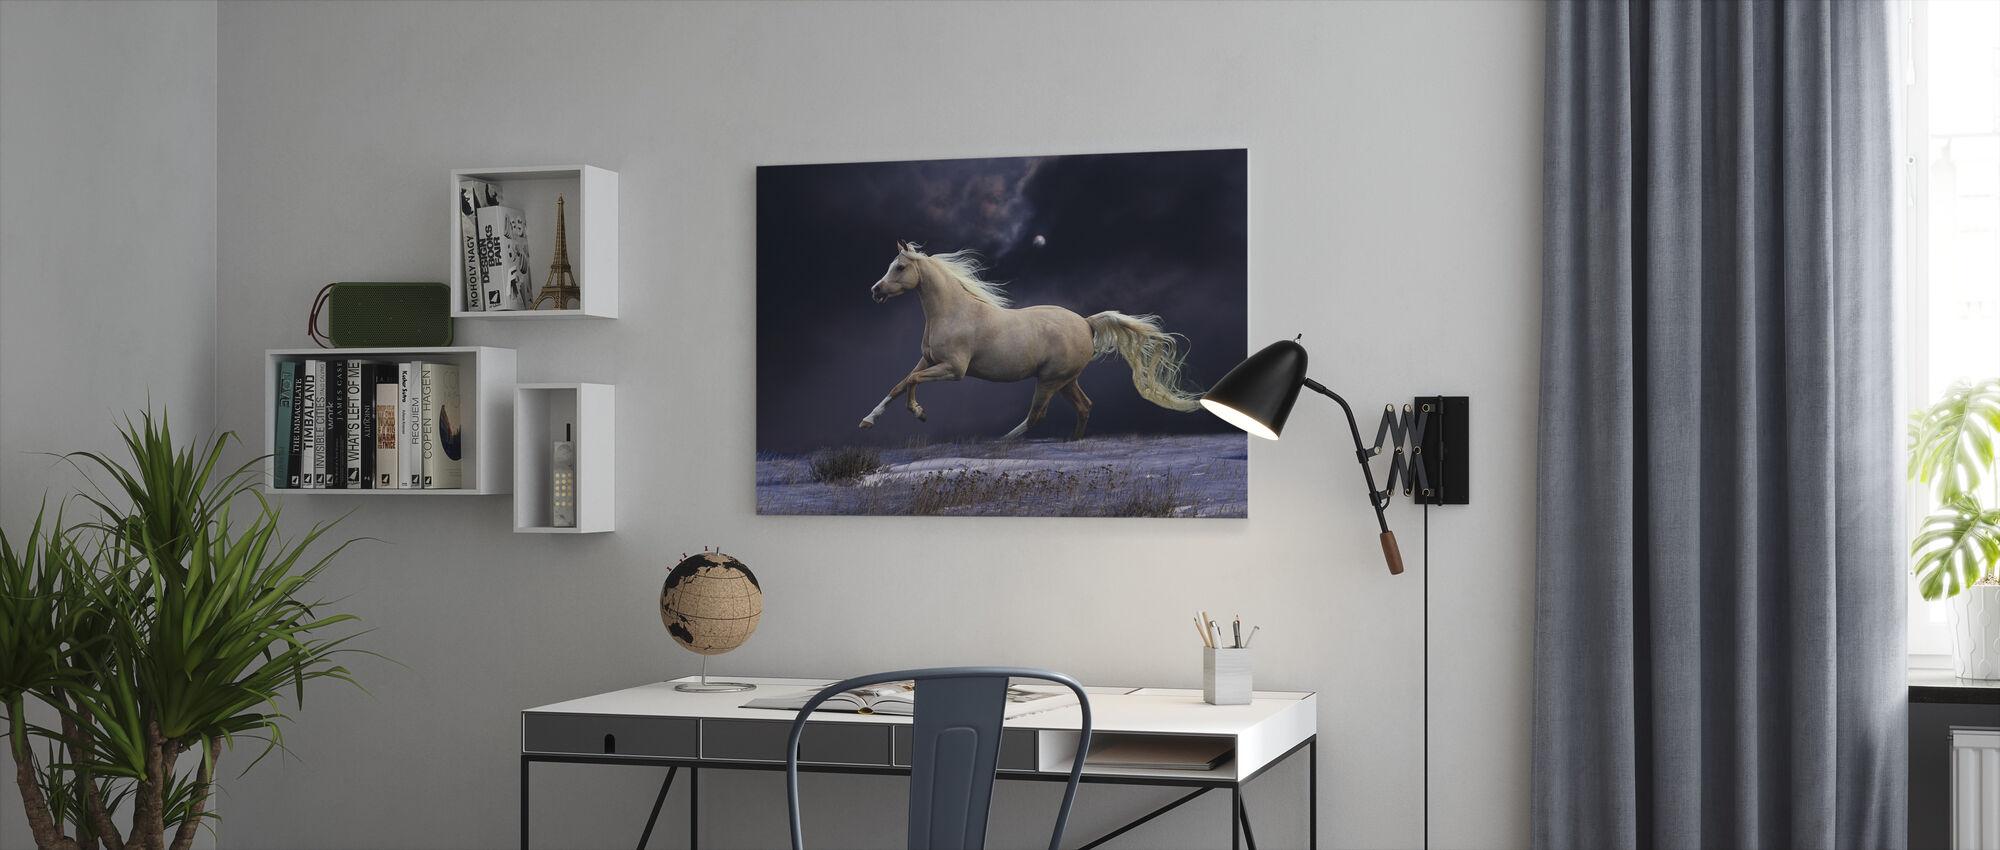 Häst i månsken - Canvastavla - Kontor